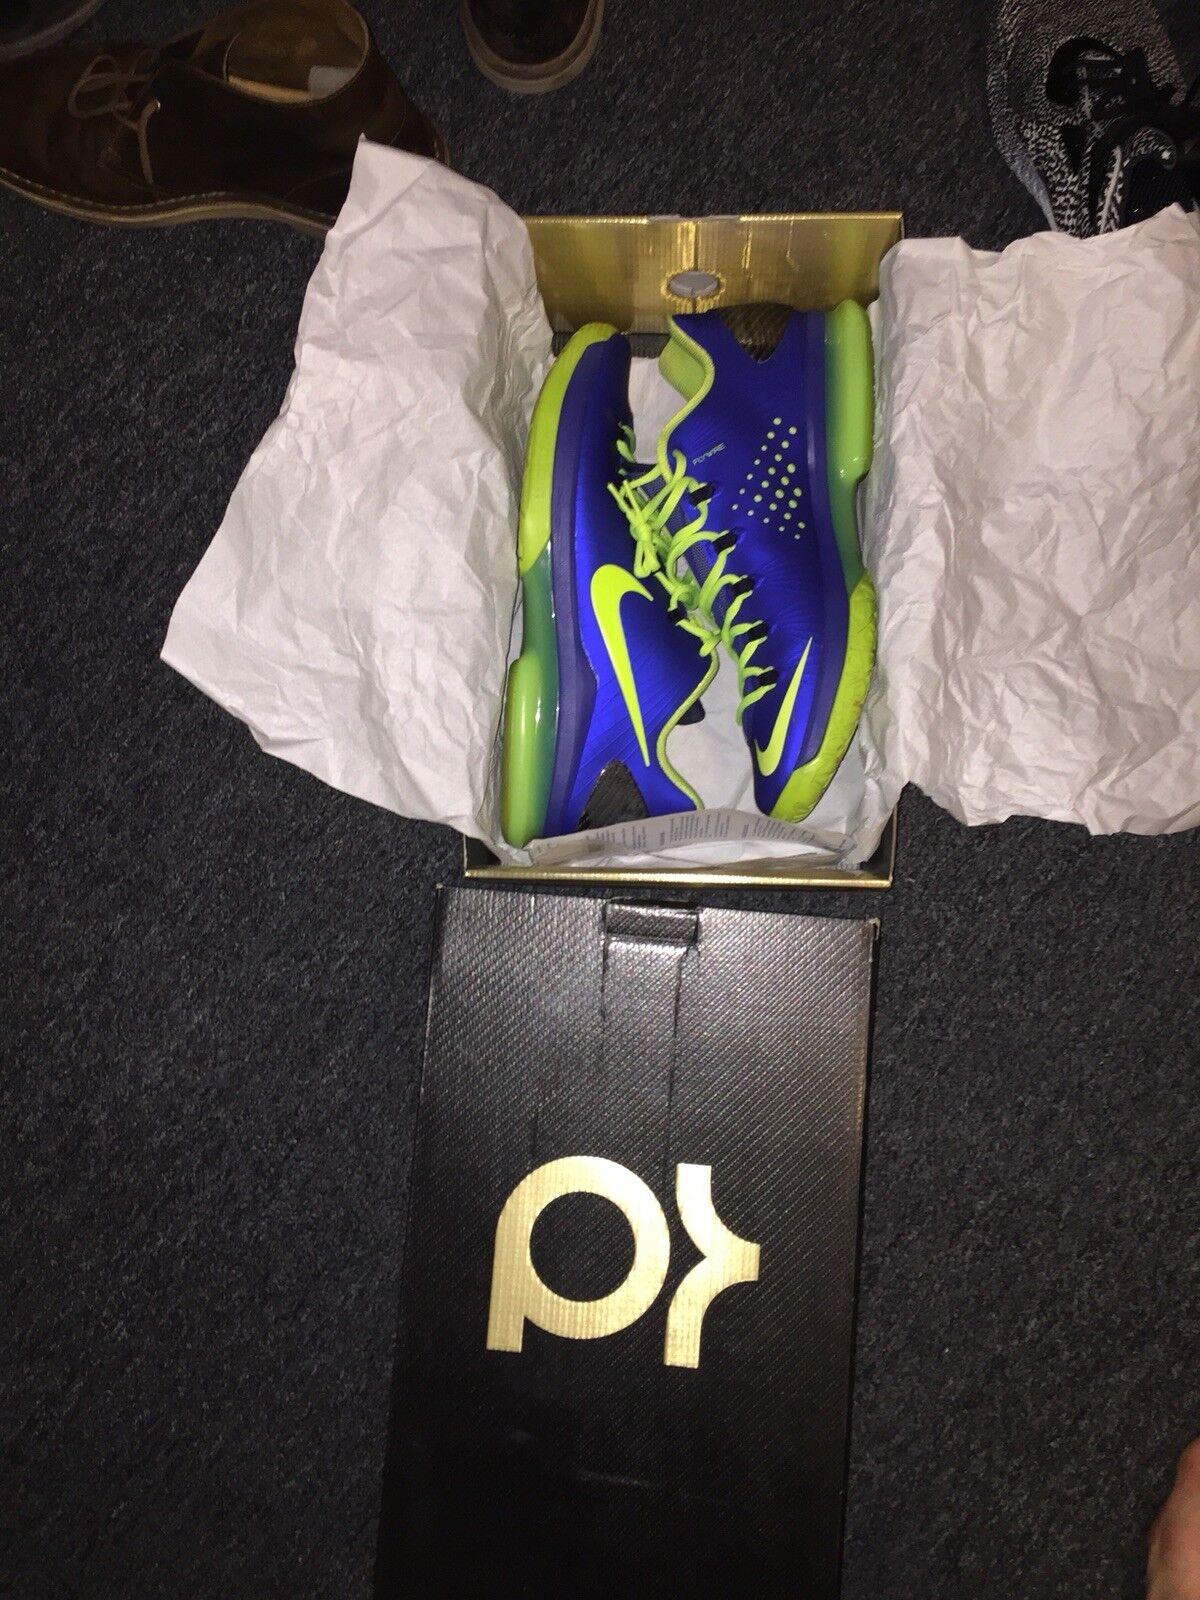 Nike Kd V 5 Super Hero Elite Size 13 Pre Owned With Og Box  Lebron kevin durant